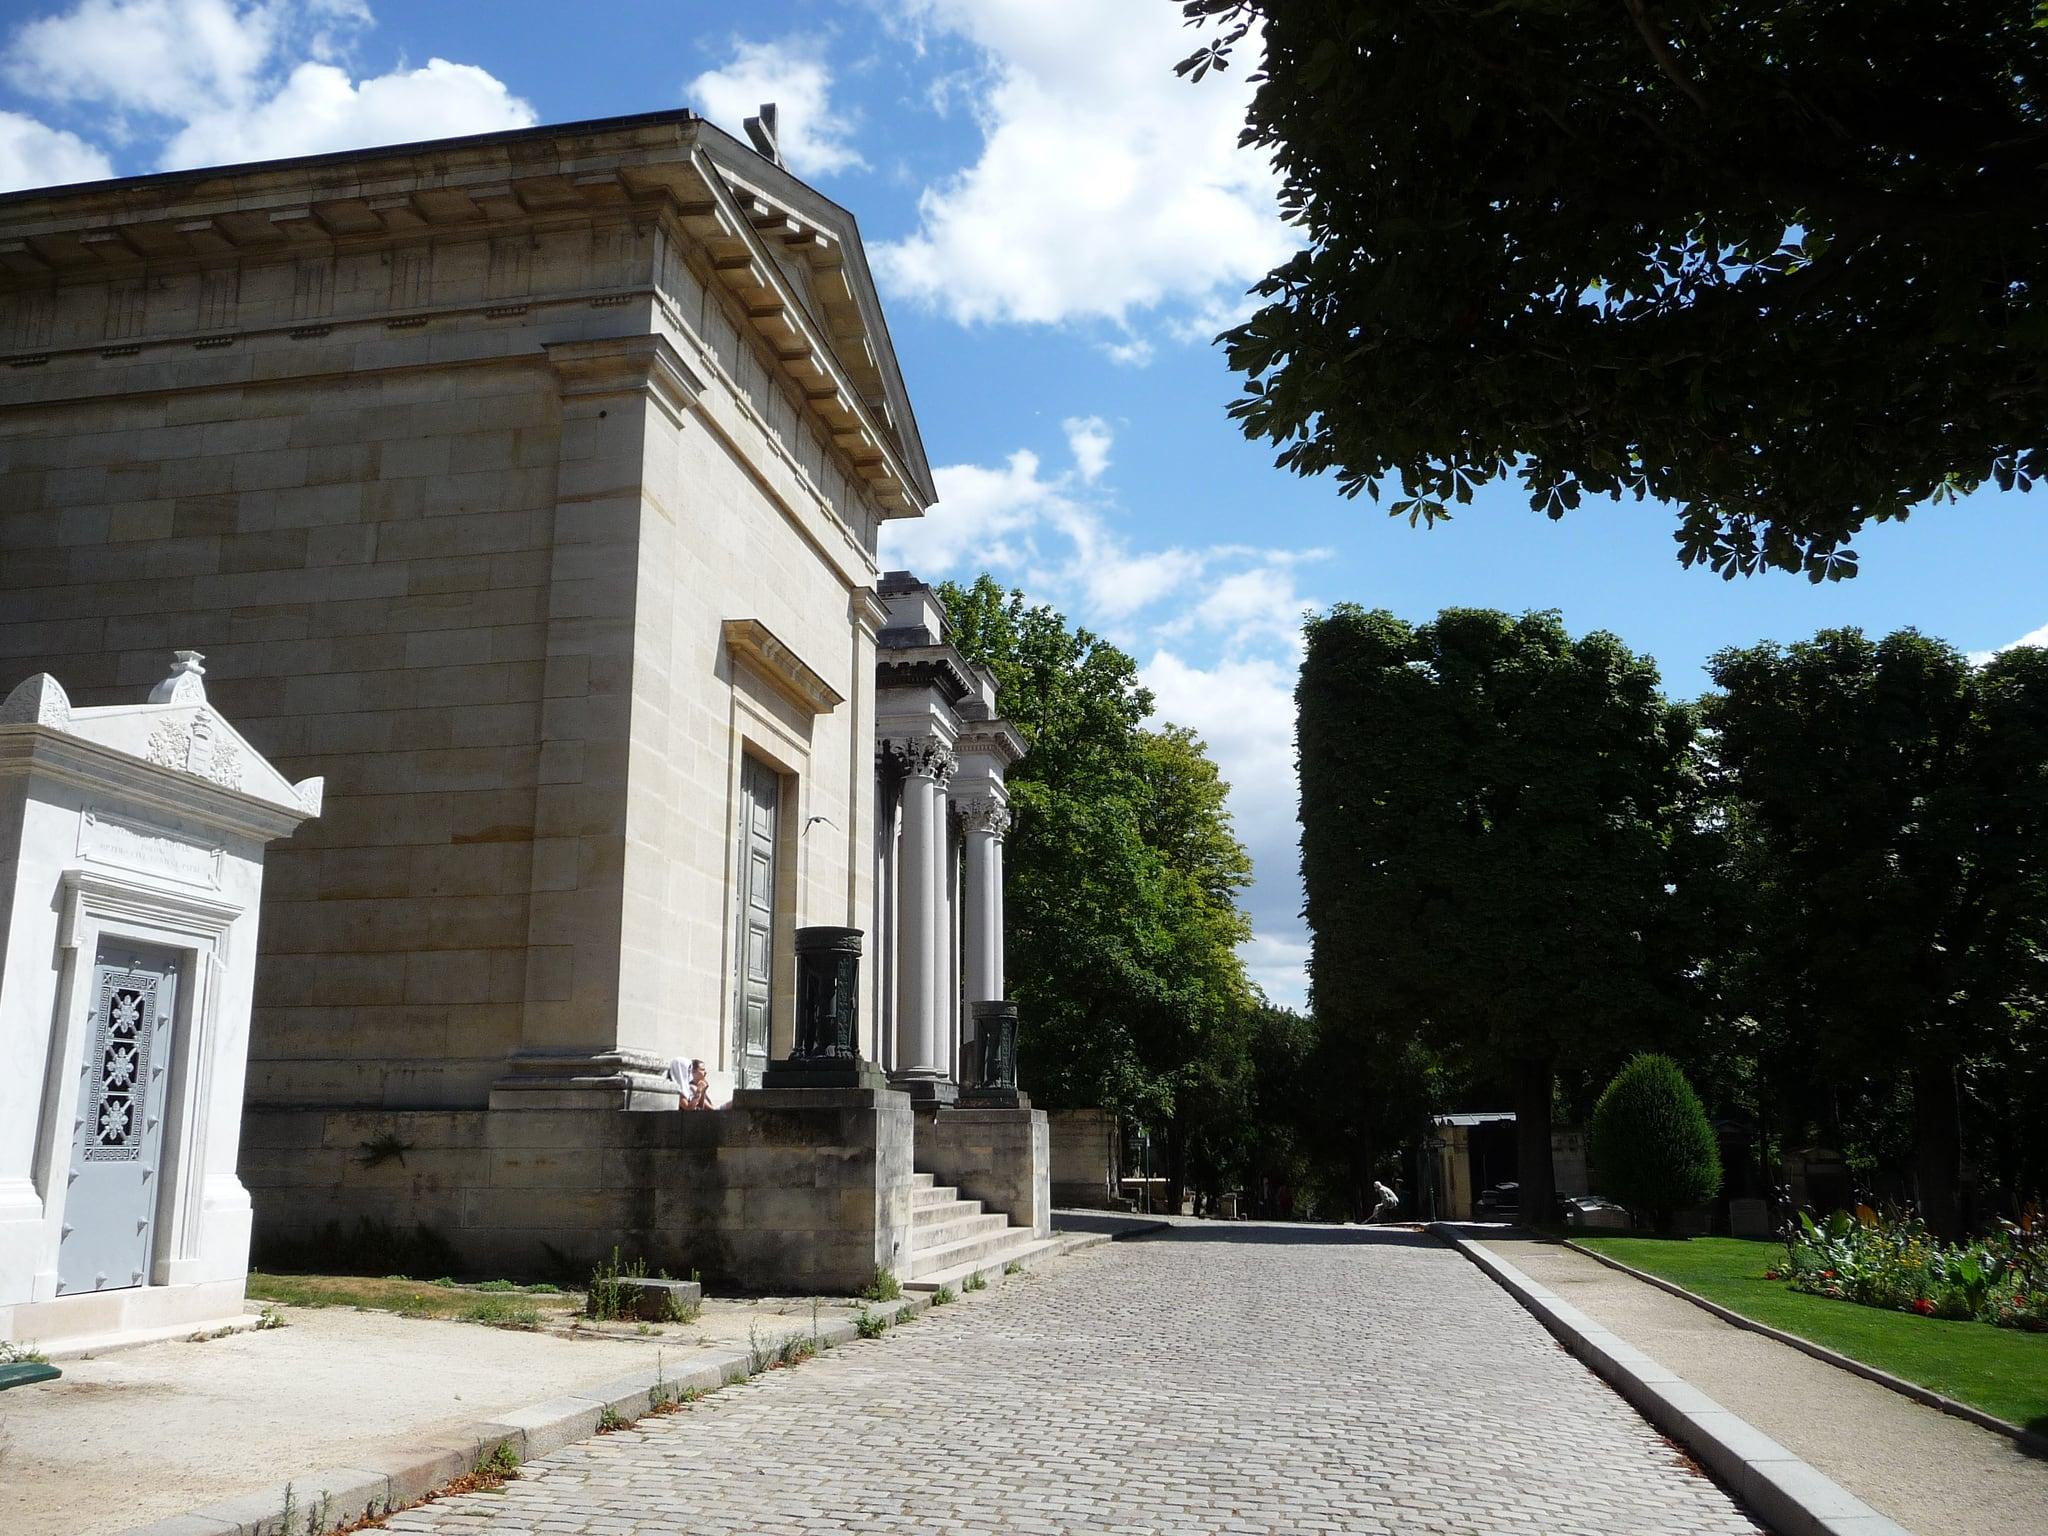 Cimetière du Père-Lachaise 的形象. cimetièredupèrelachaise